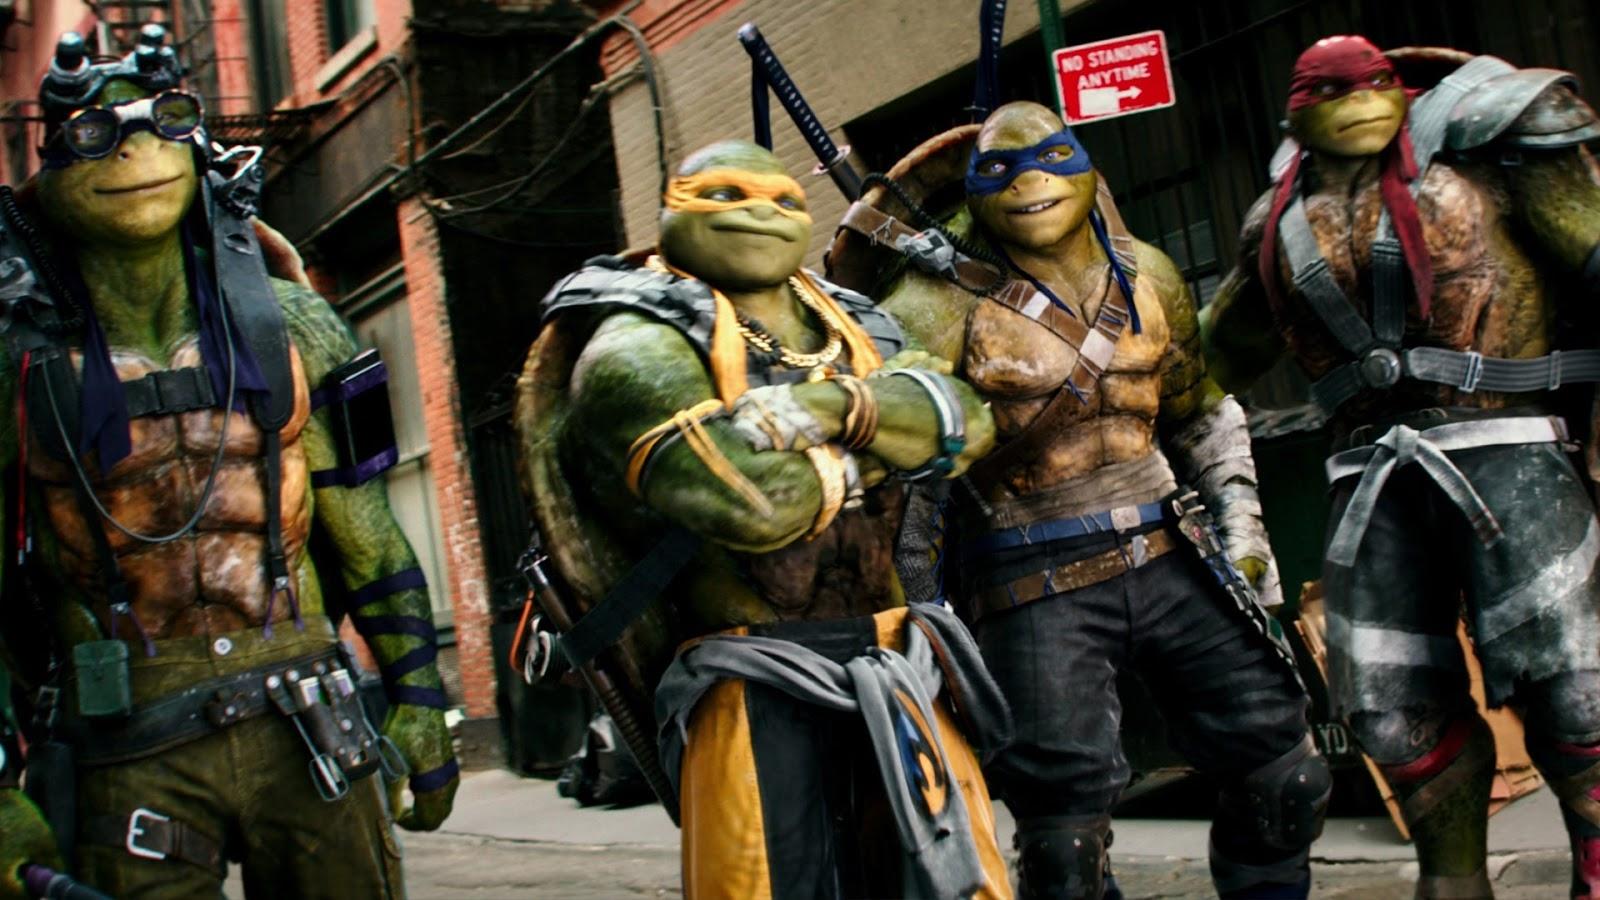 Fotos, Curiosidades, Comunicação, Jornalismo, Marketing, Propaganda, Mídia Interessante 92a46-tartarugas-ninja-2016-filme Novo filme as Tartarugas Ninja Fora das Sombras - 2016 Cotidiano Vídeos